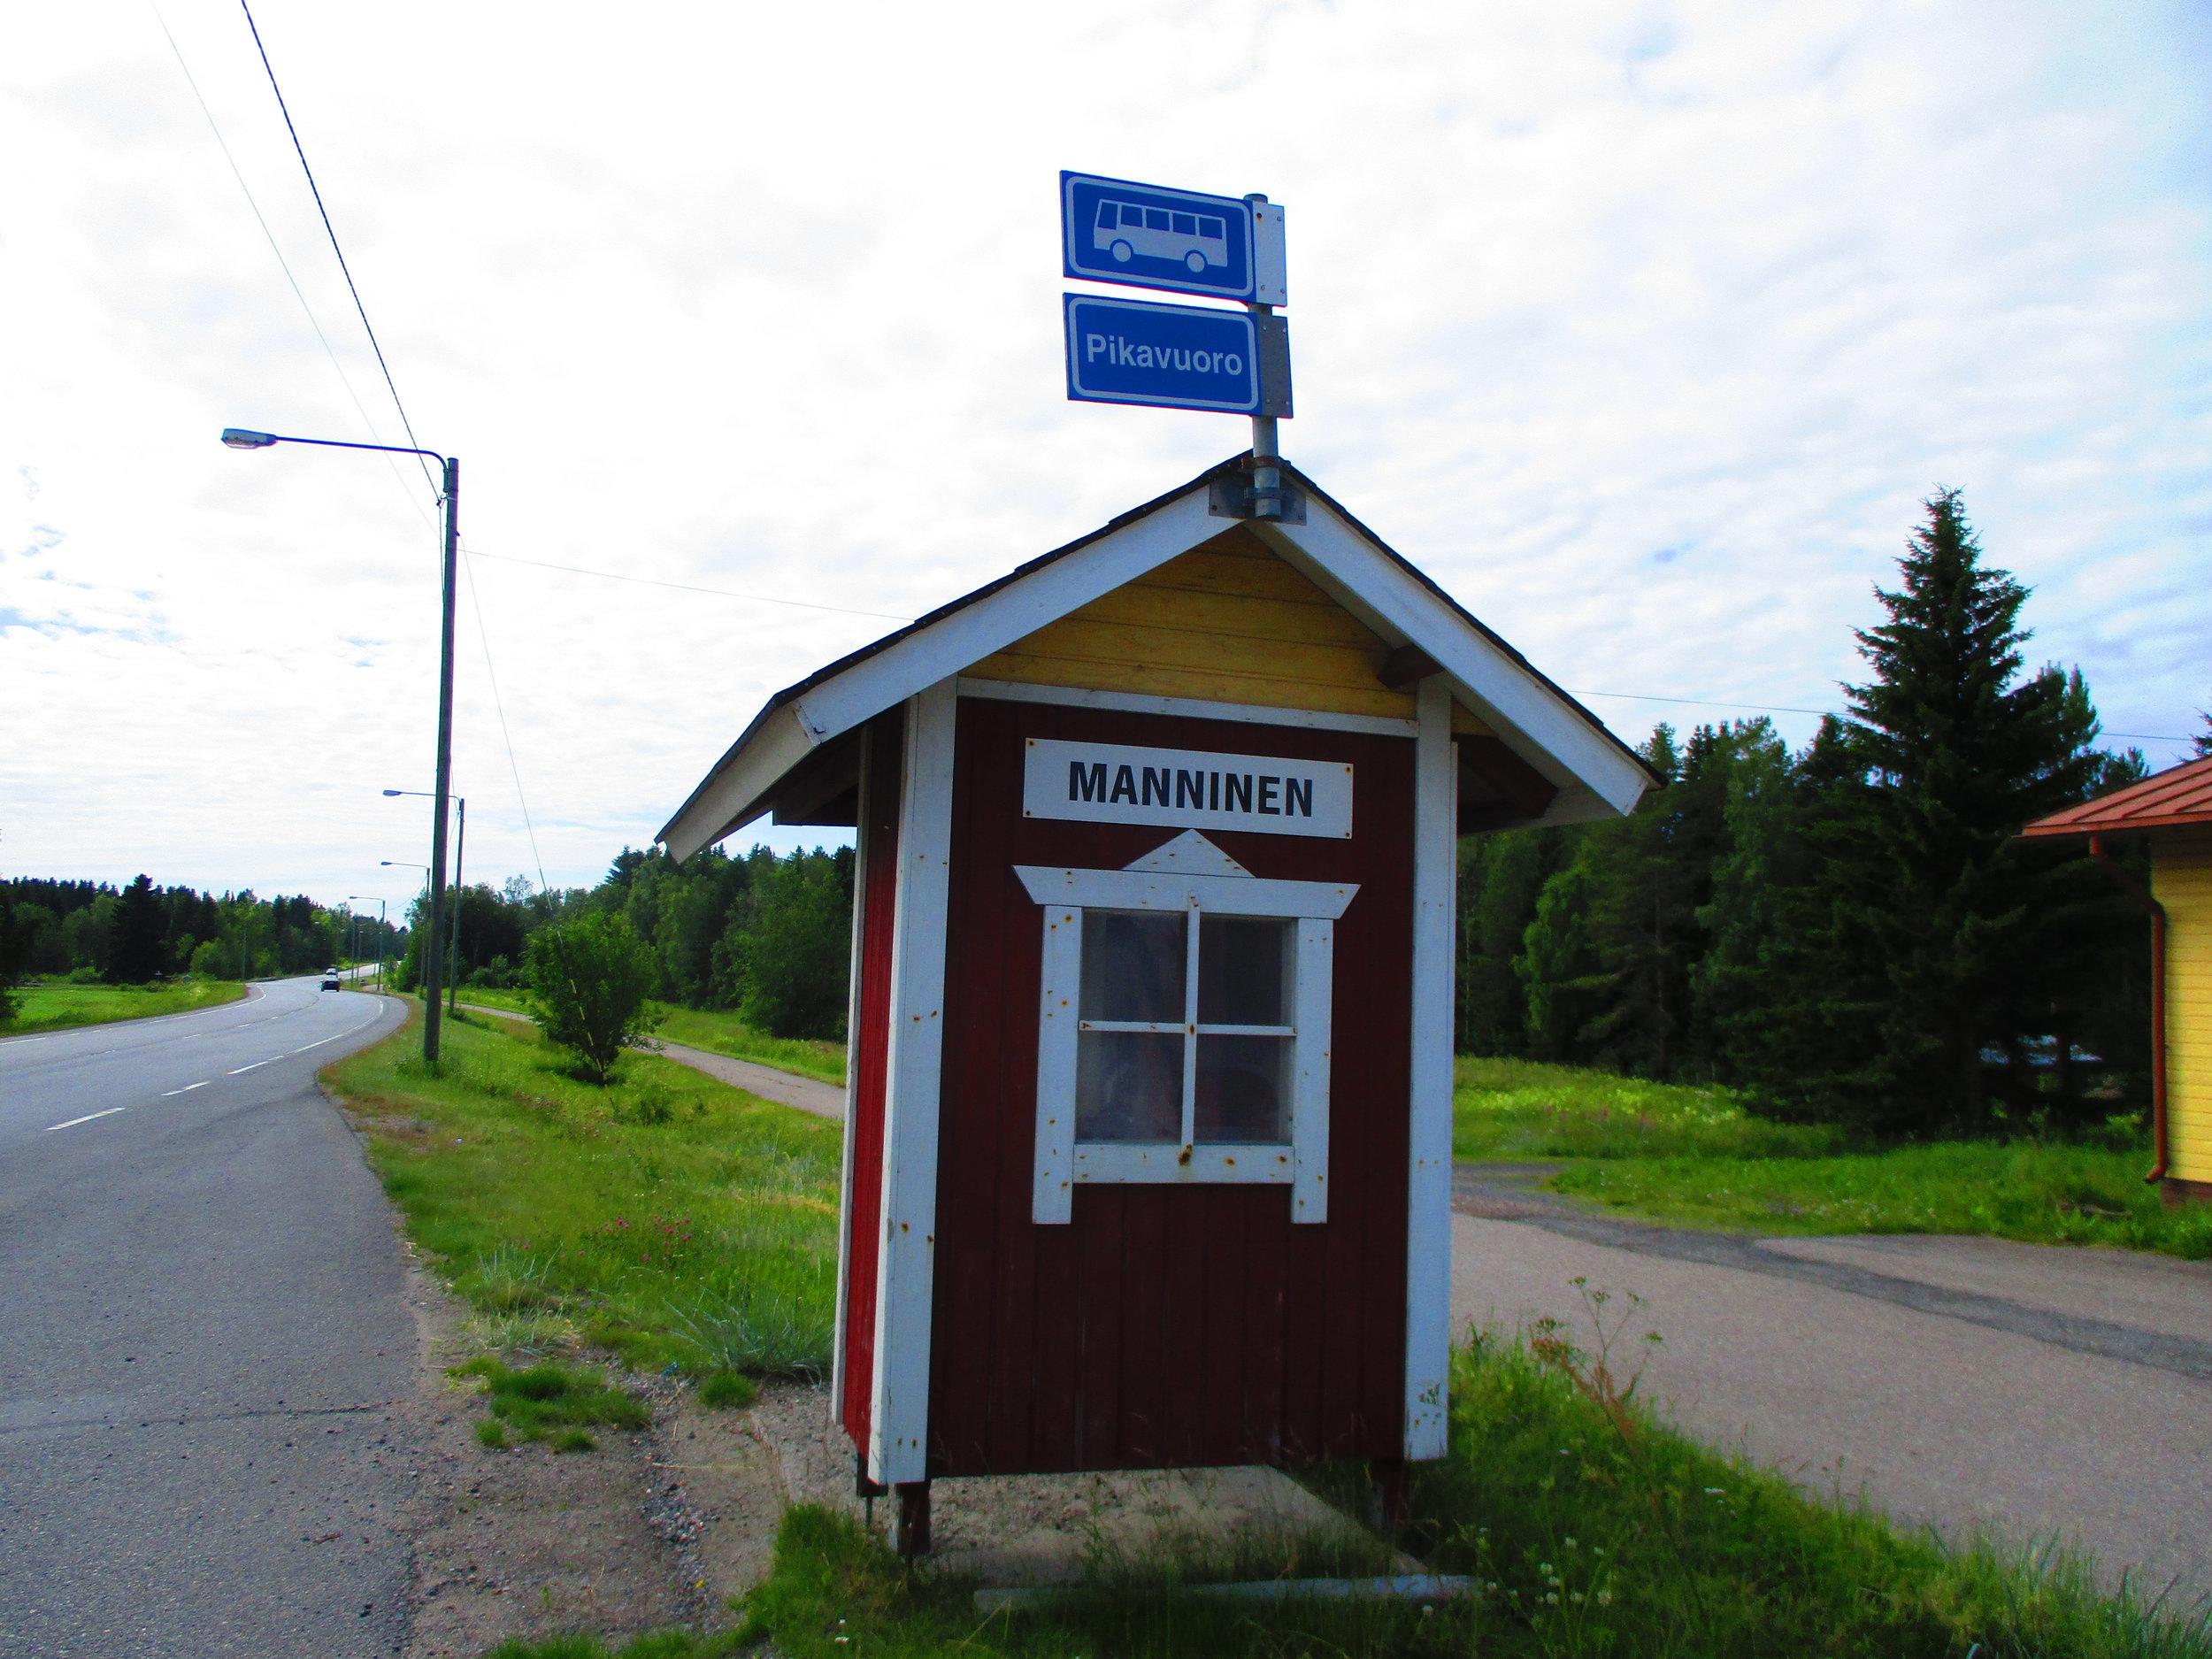 A bus stop through the countryside.